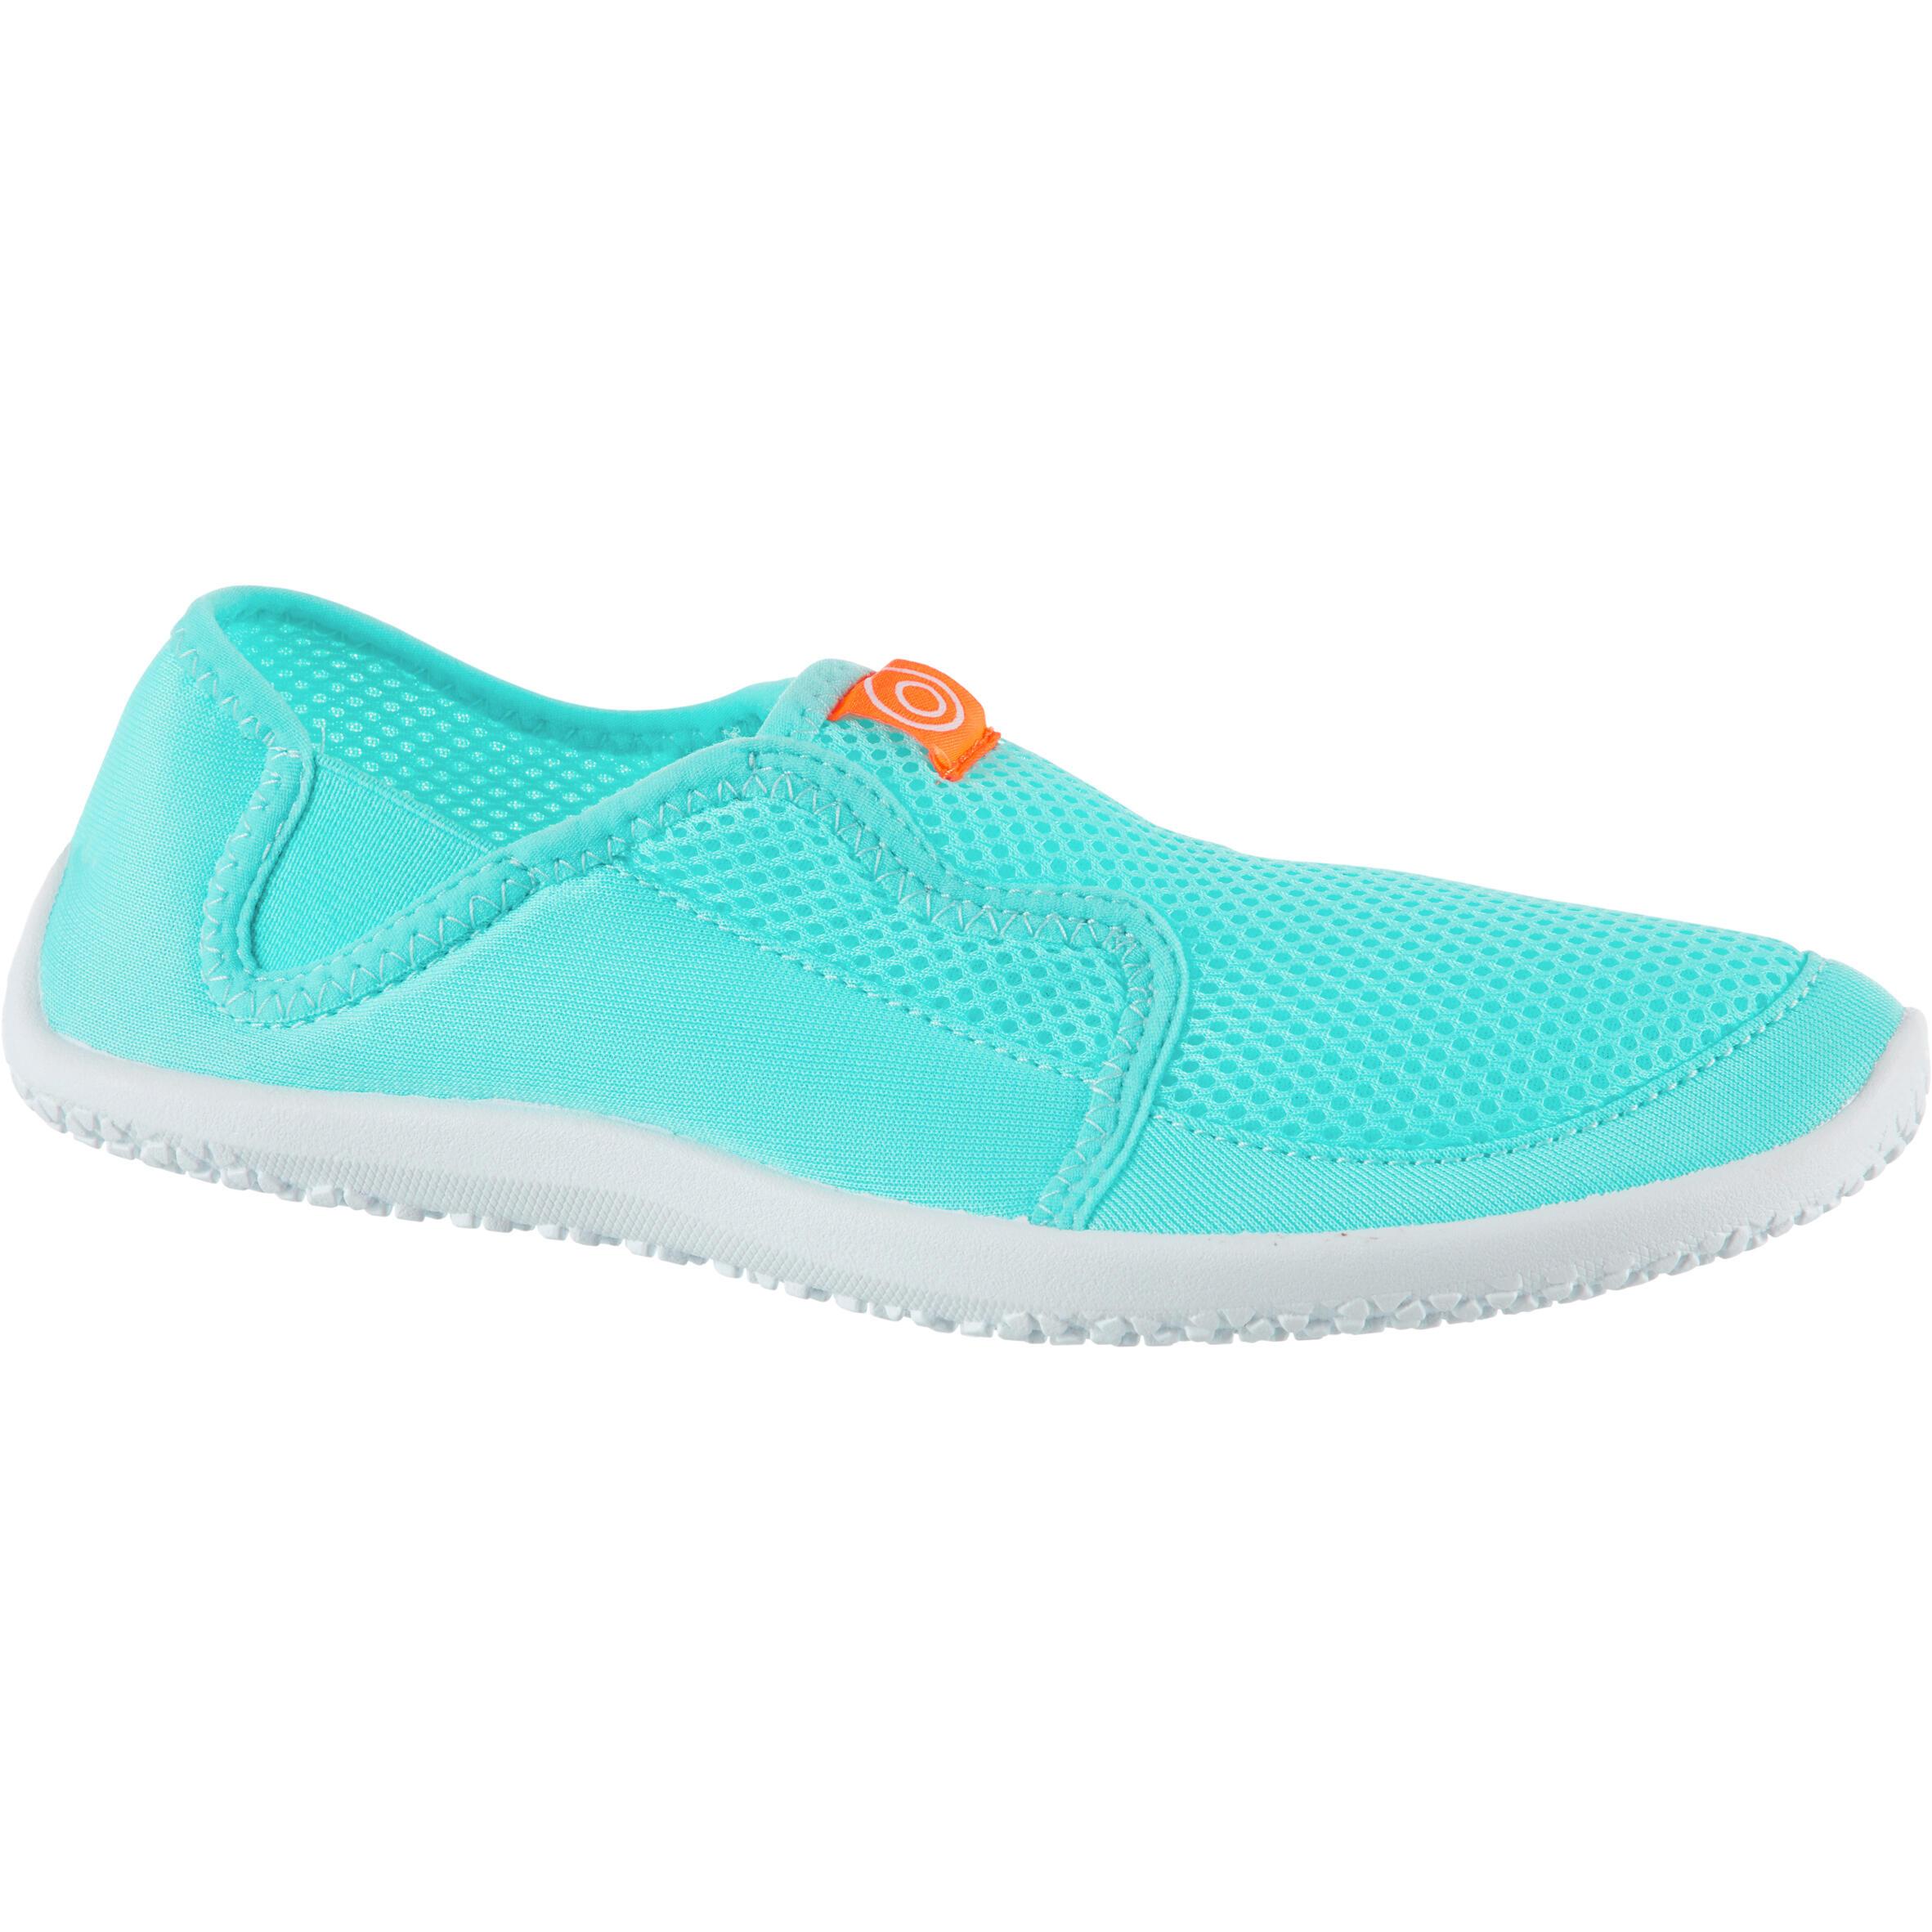 Aquashoes chaussures aquatiques 120 adulte turquoises claires - Subea